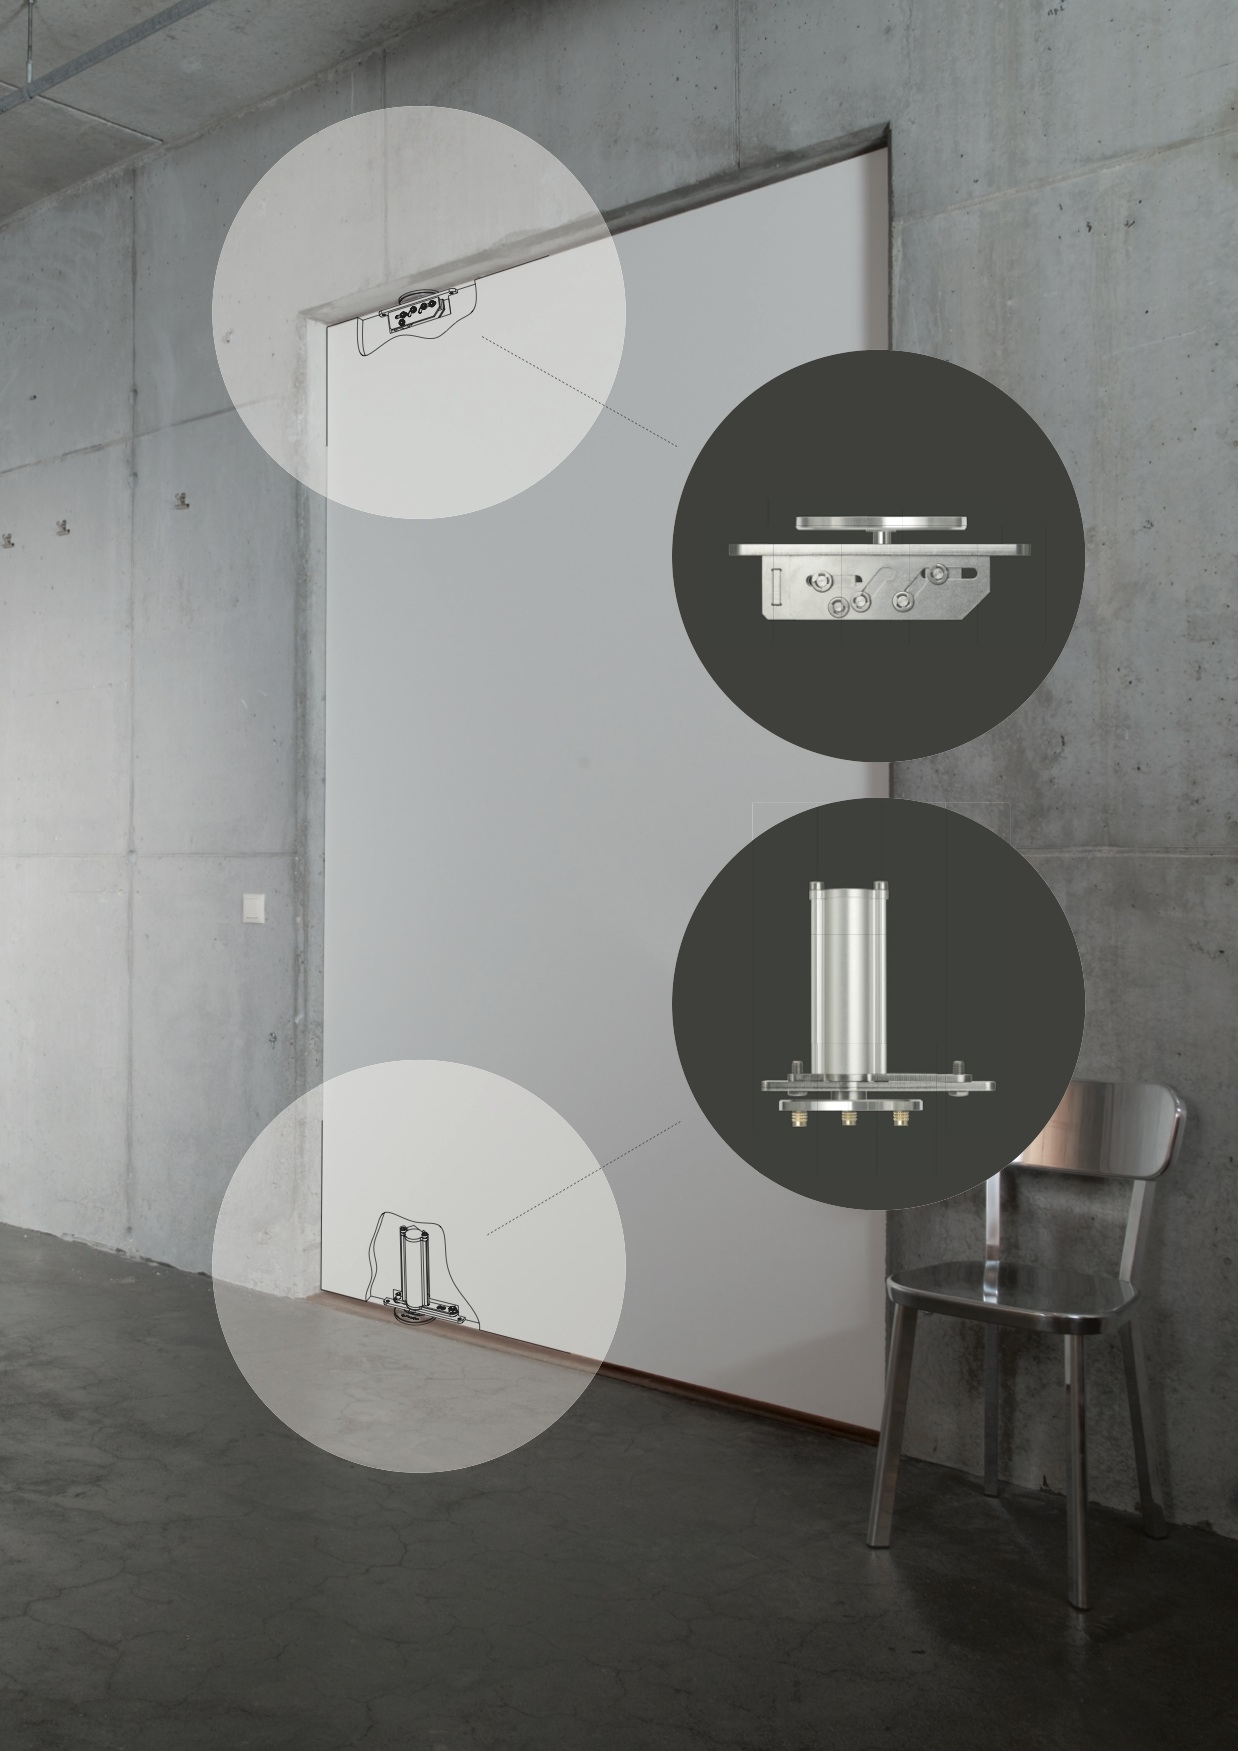 FritsJurgens 4 All porte a bilico per tutti gli ambienti